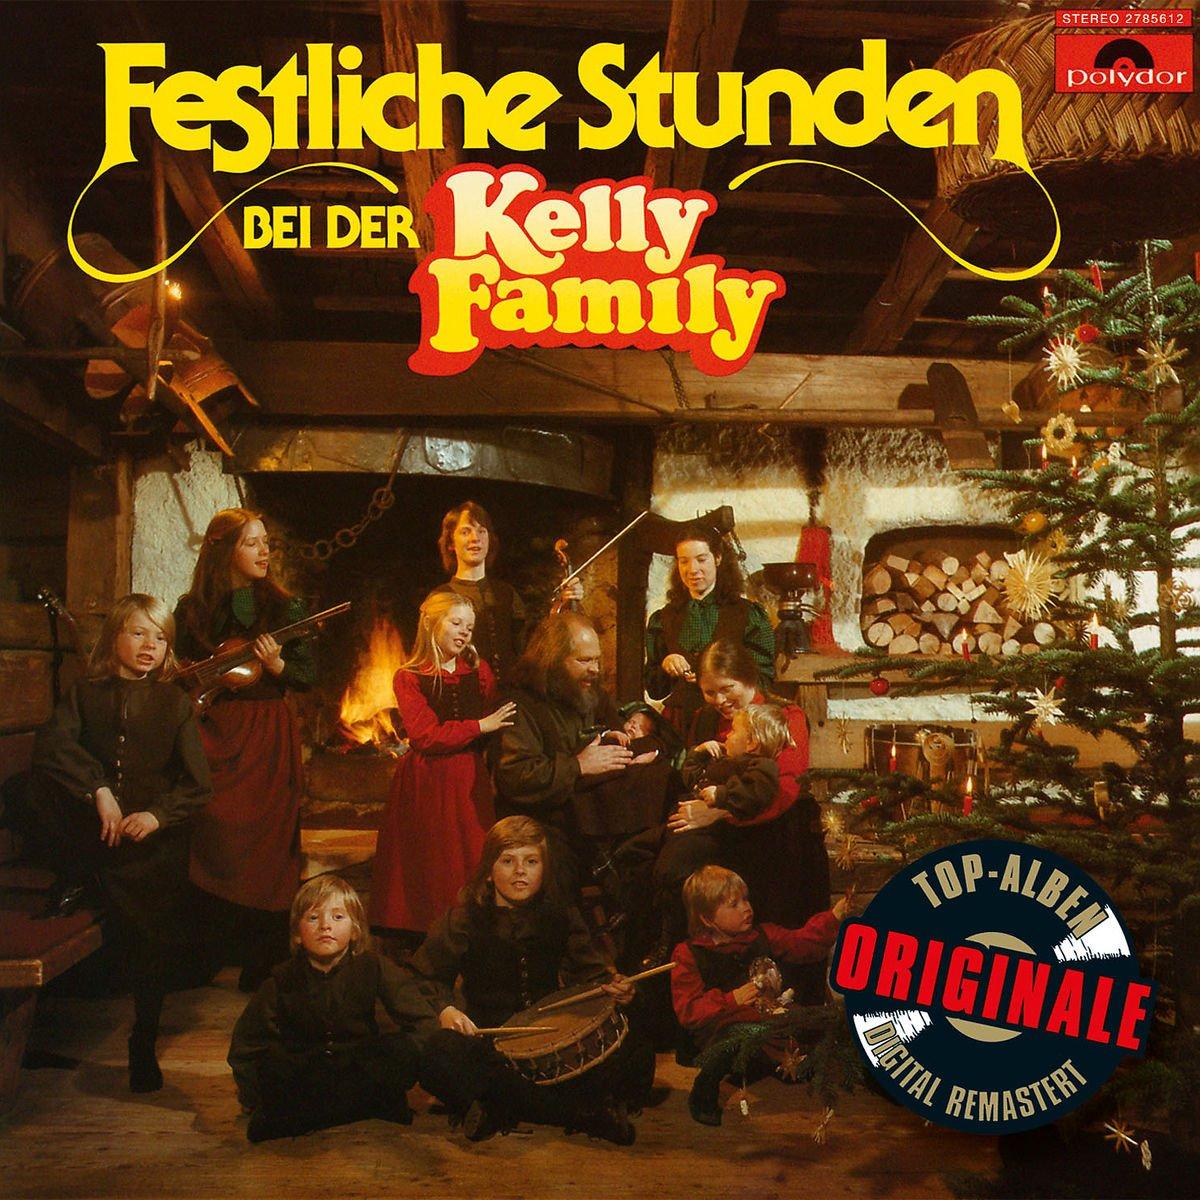 Festliche Stunden Bei der Kelly Family (Originale) - The Kelly ...